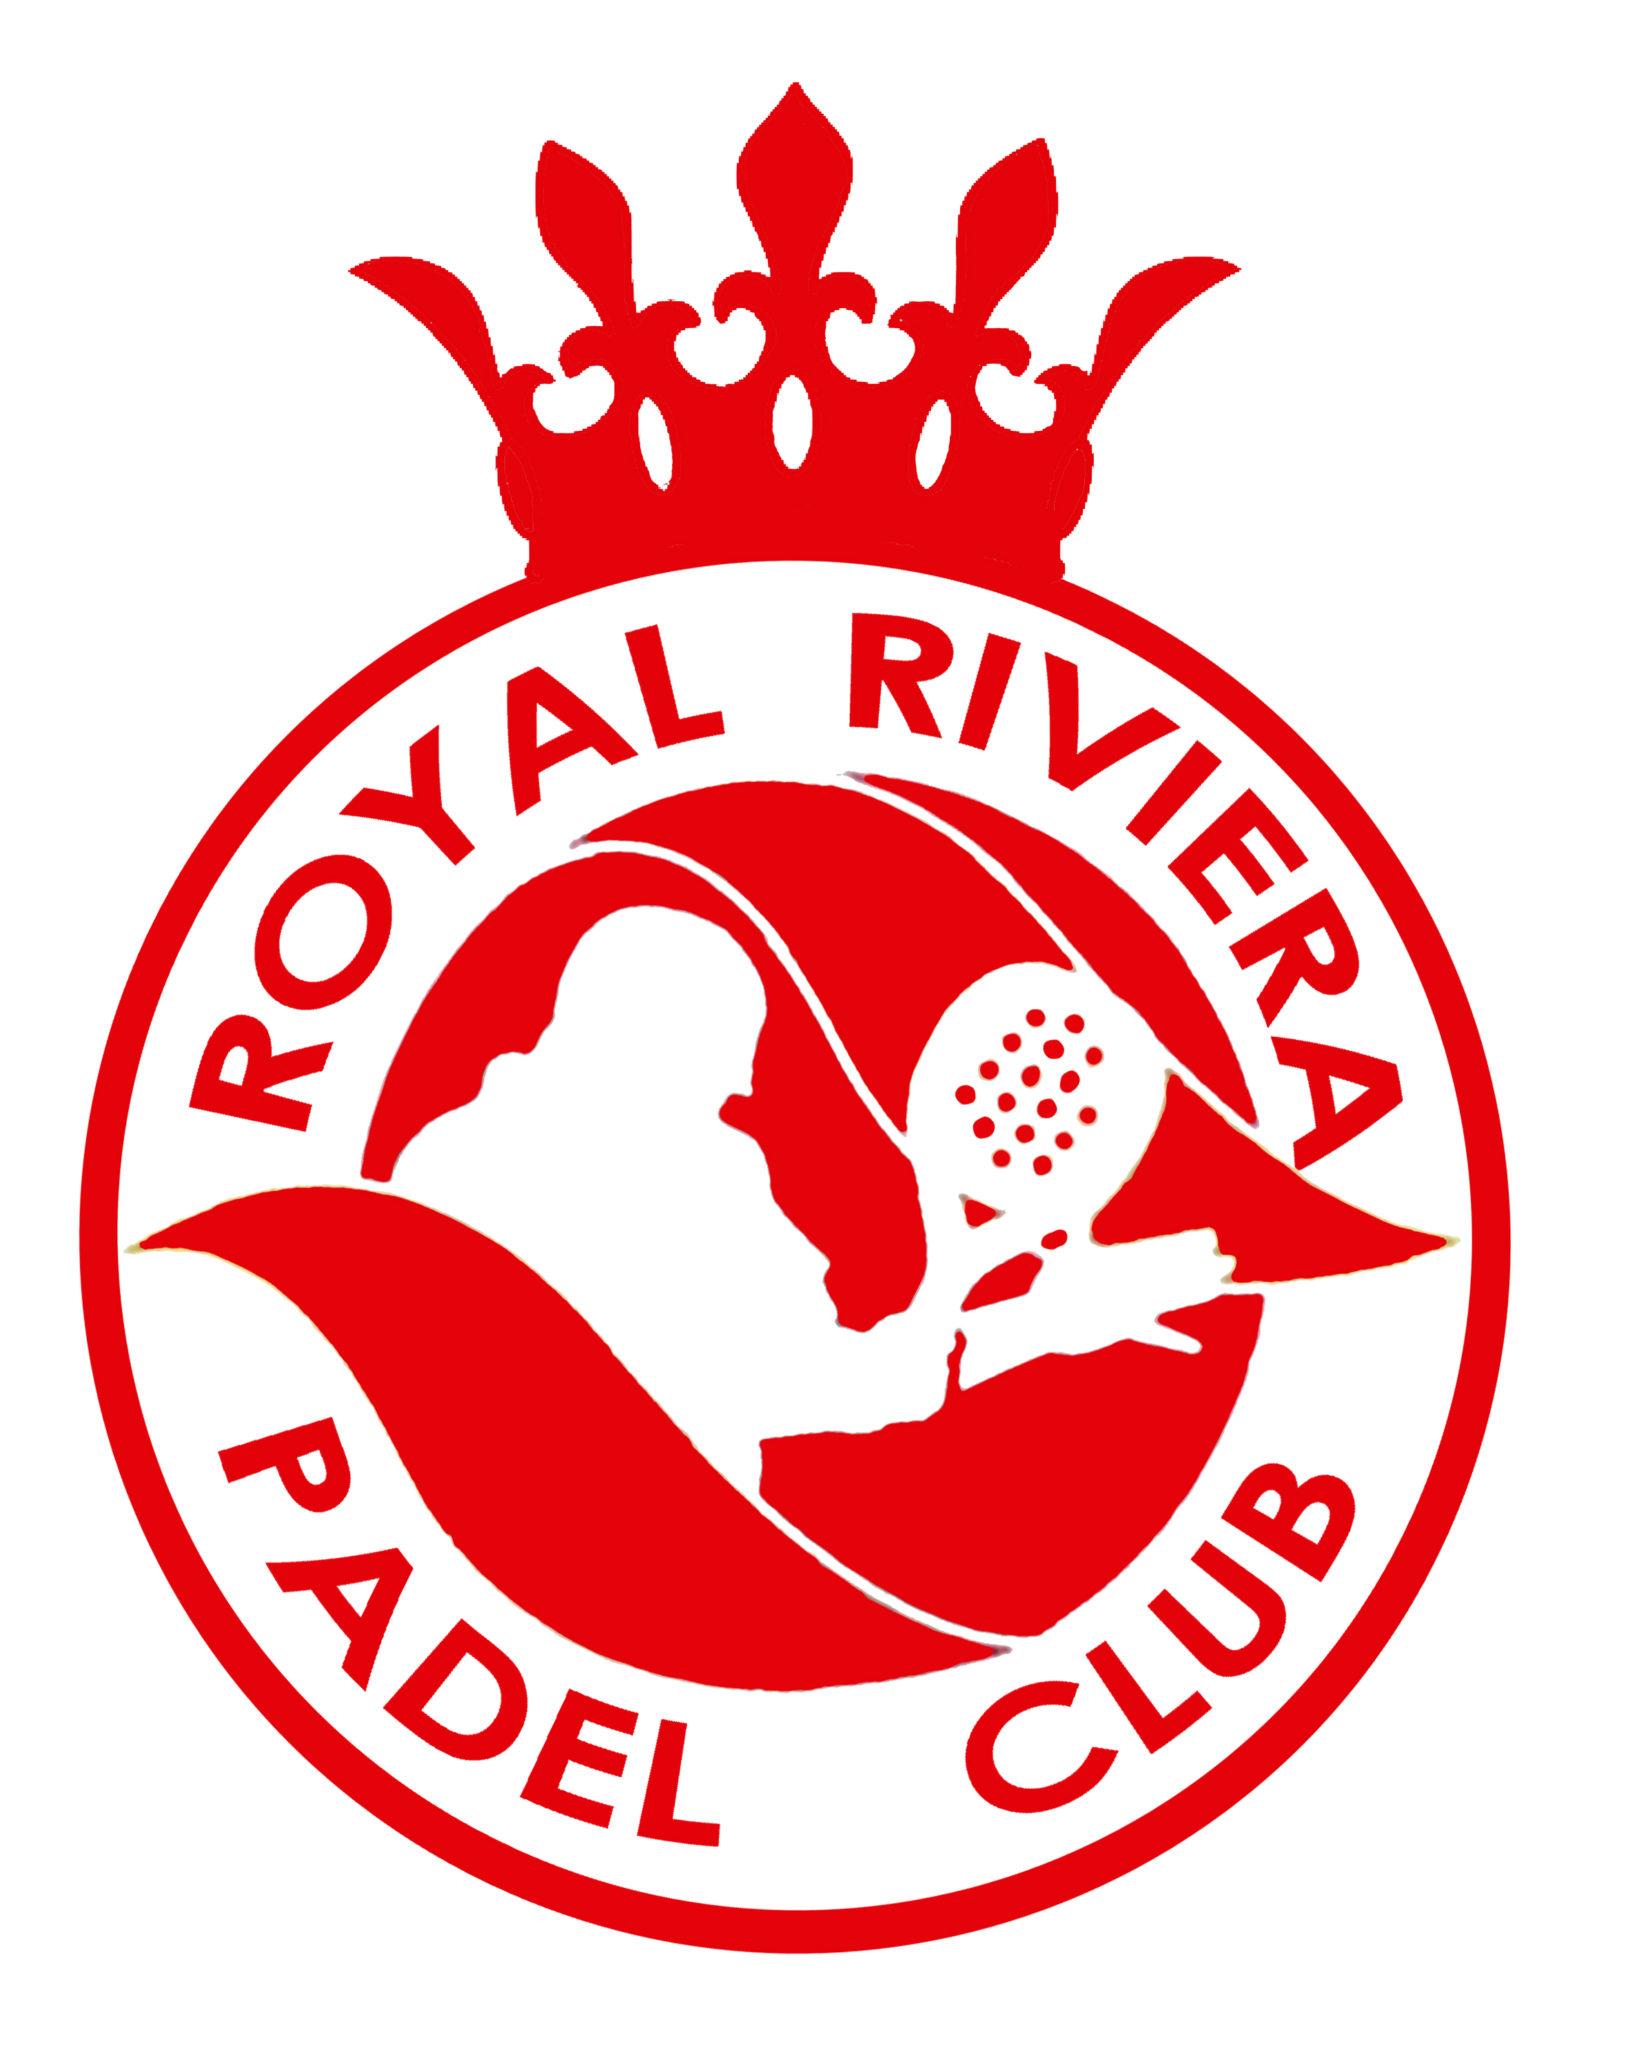 Le logo du club de padel